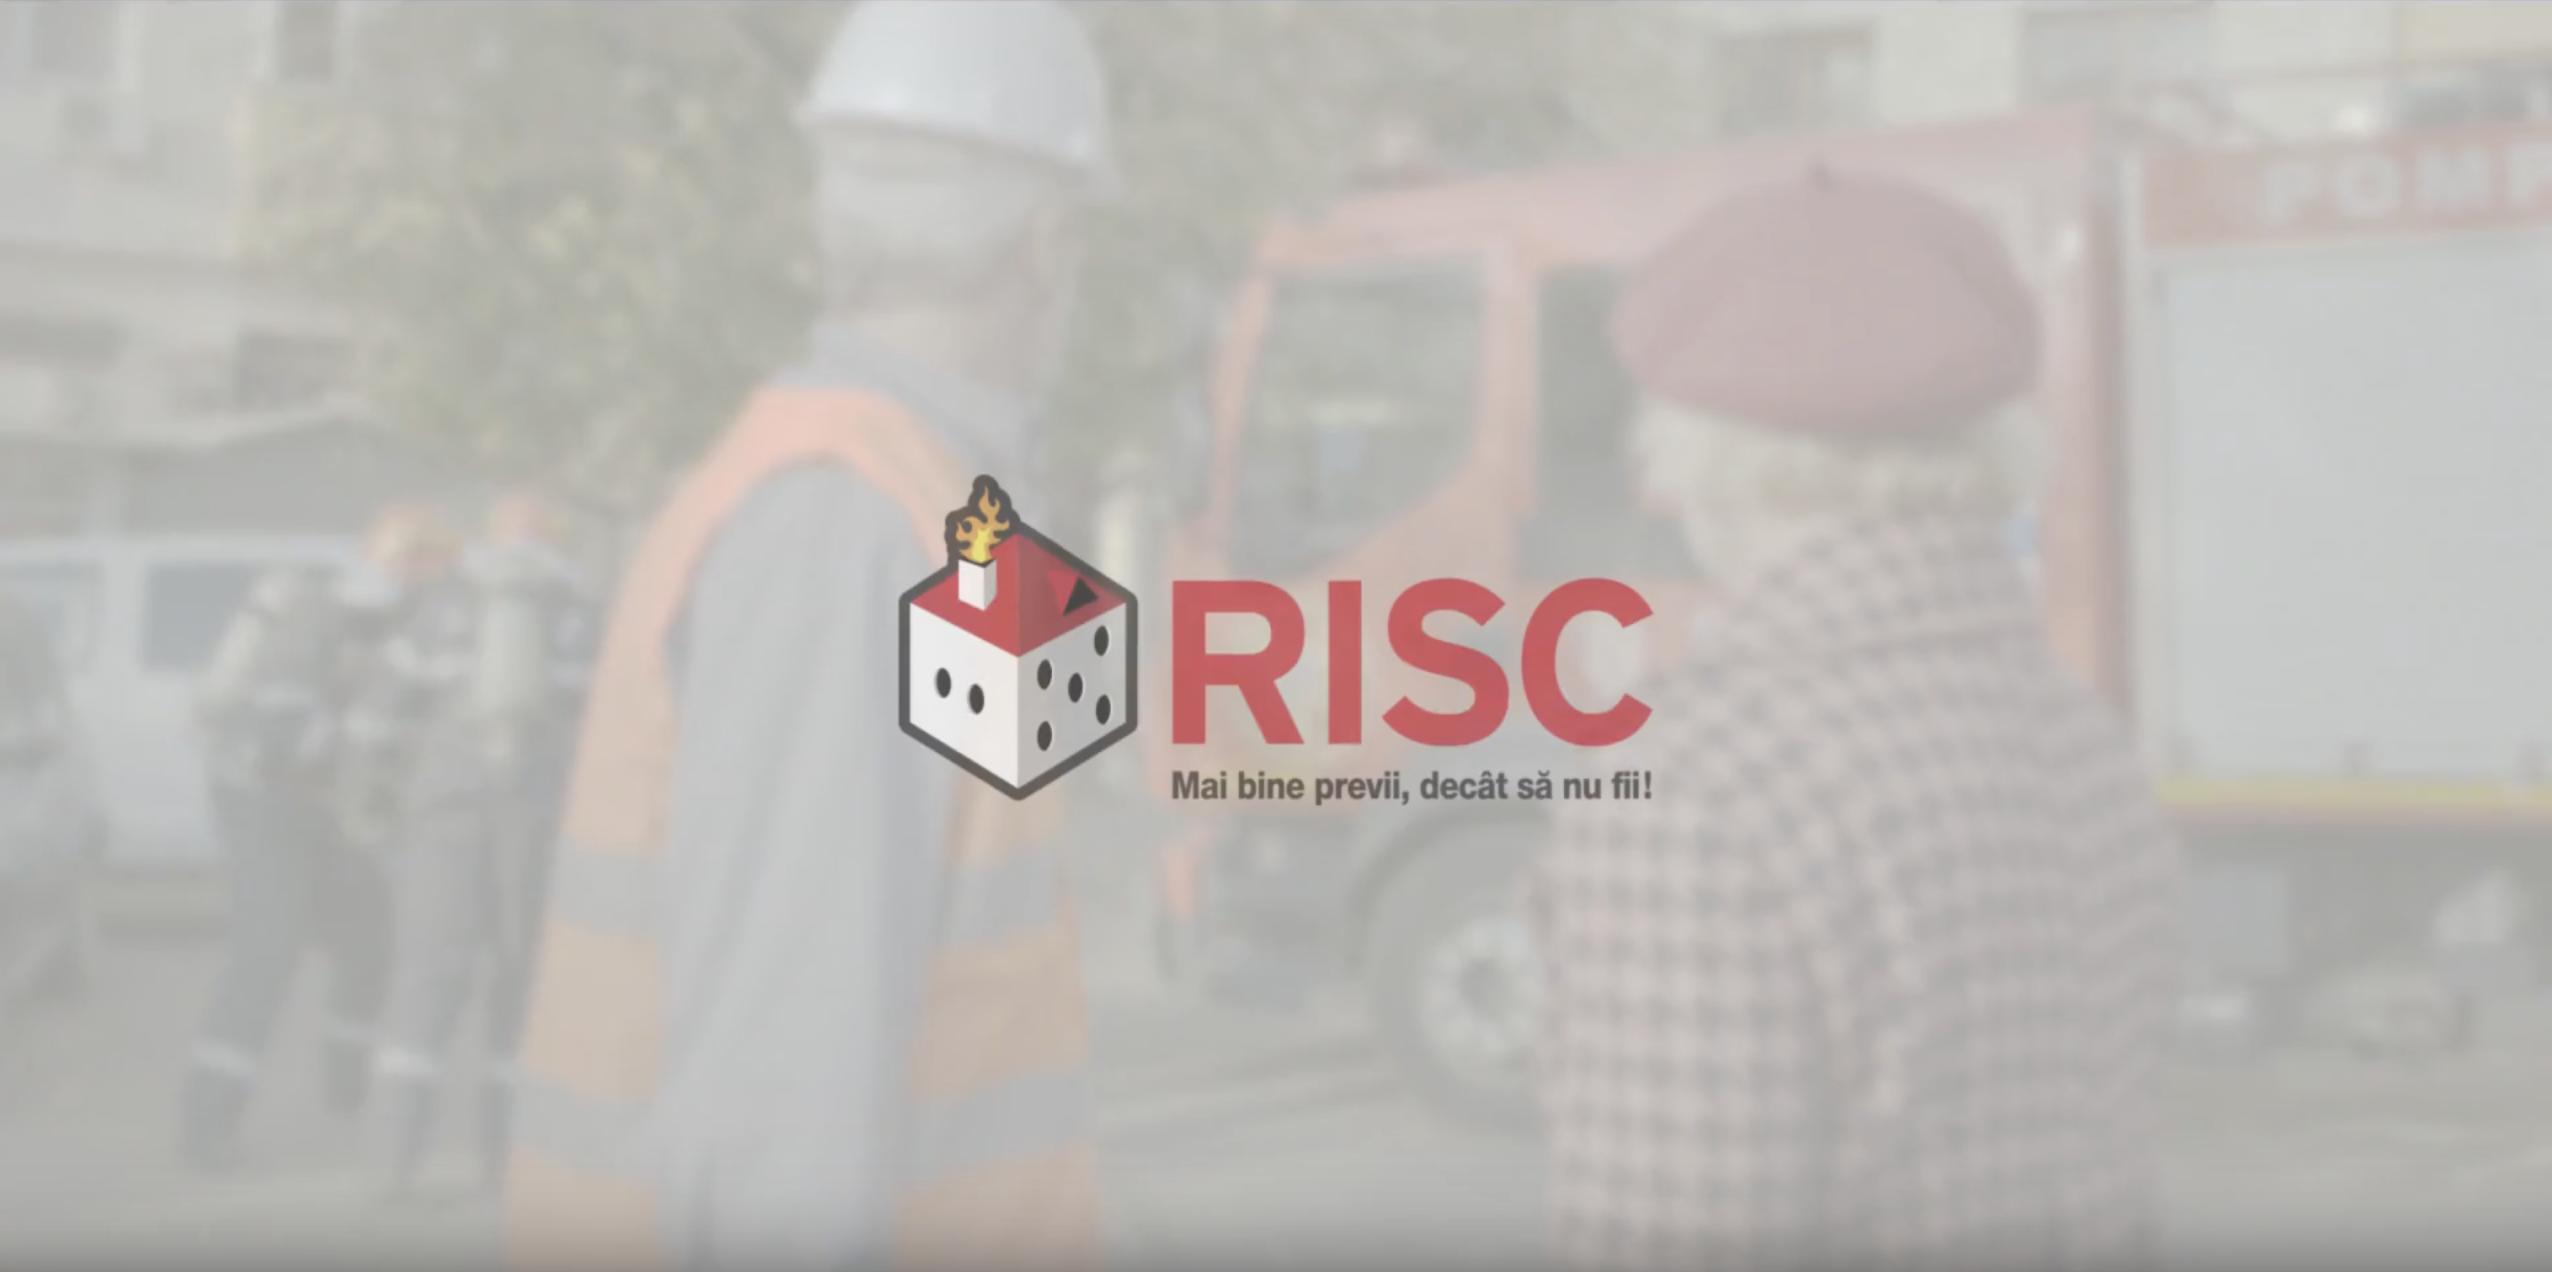 RISC - Mai bine previi, decât să nu fii!